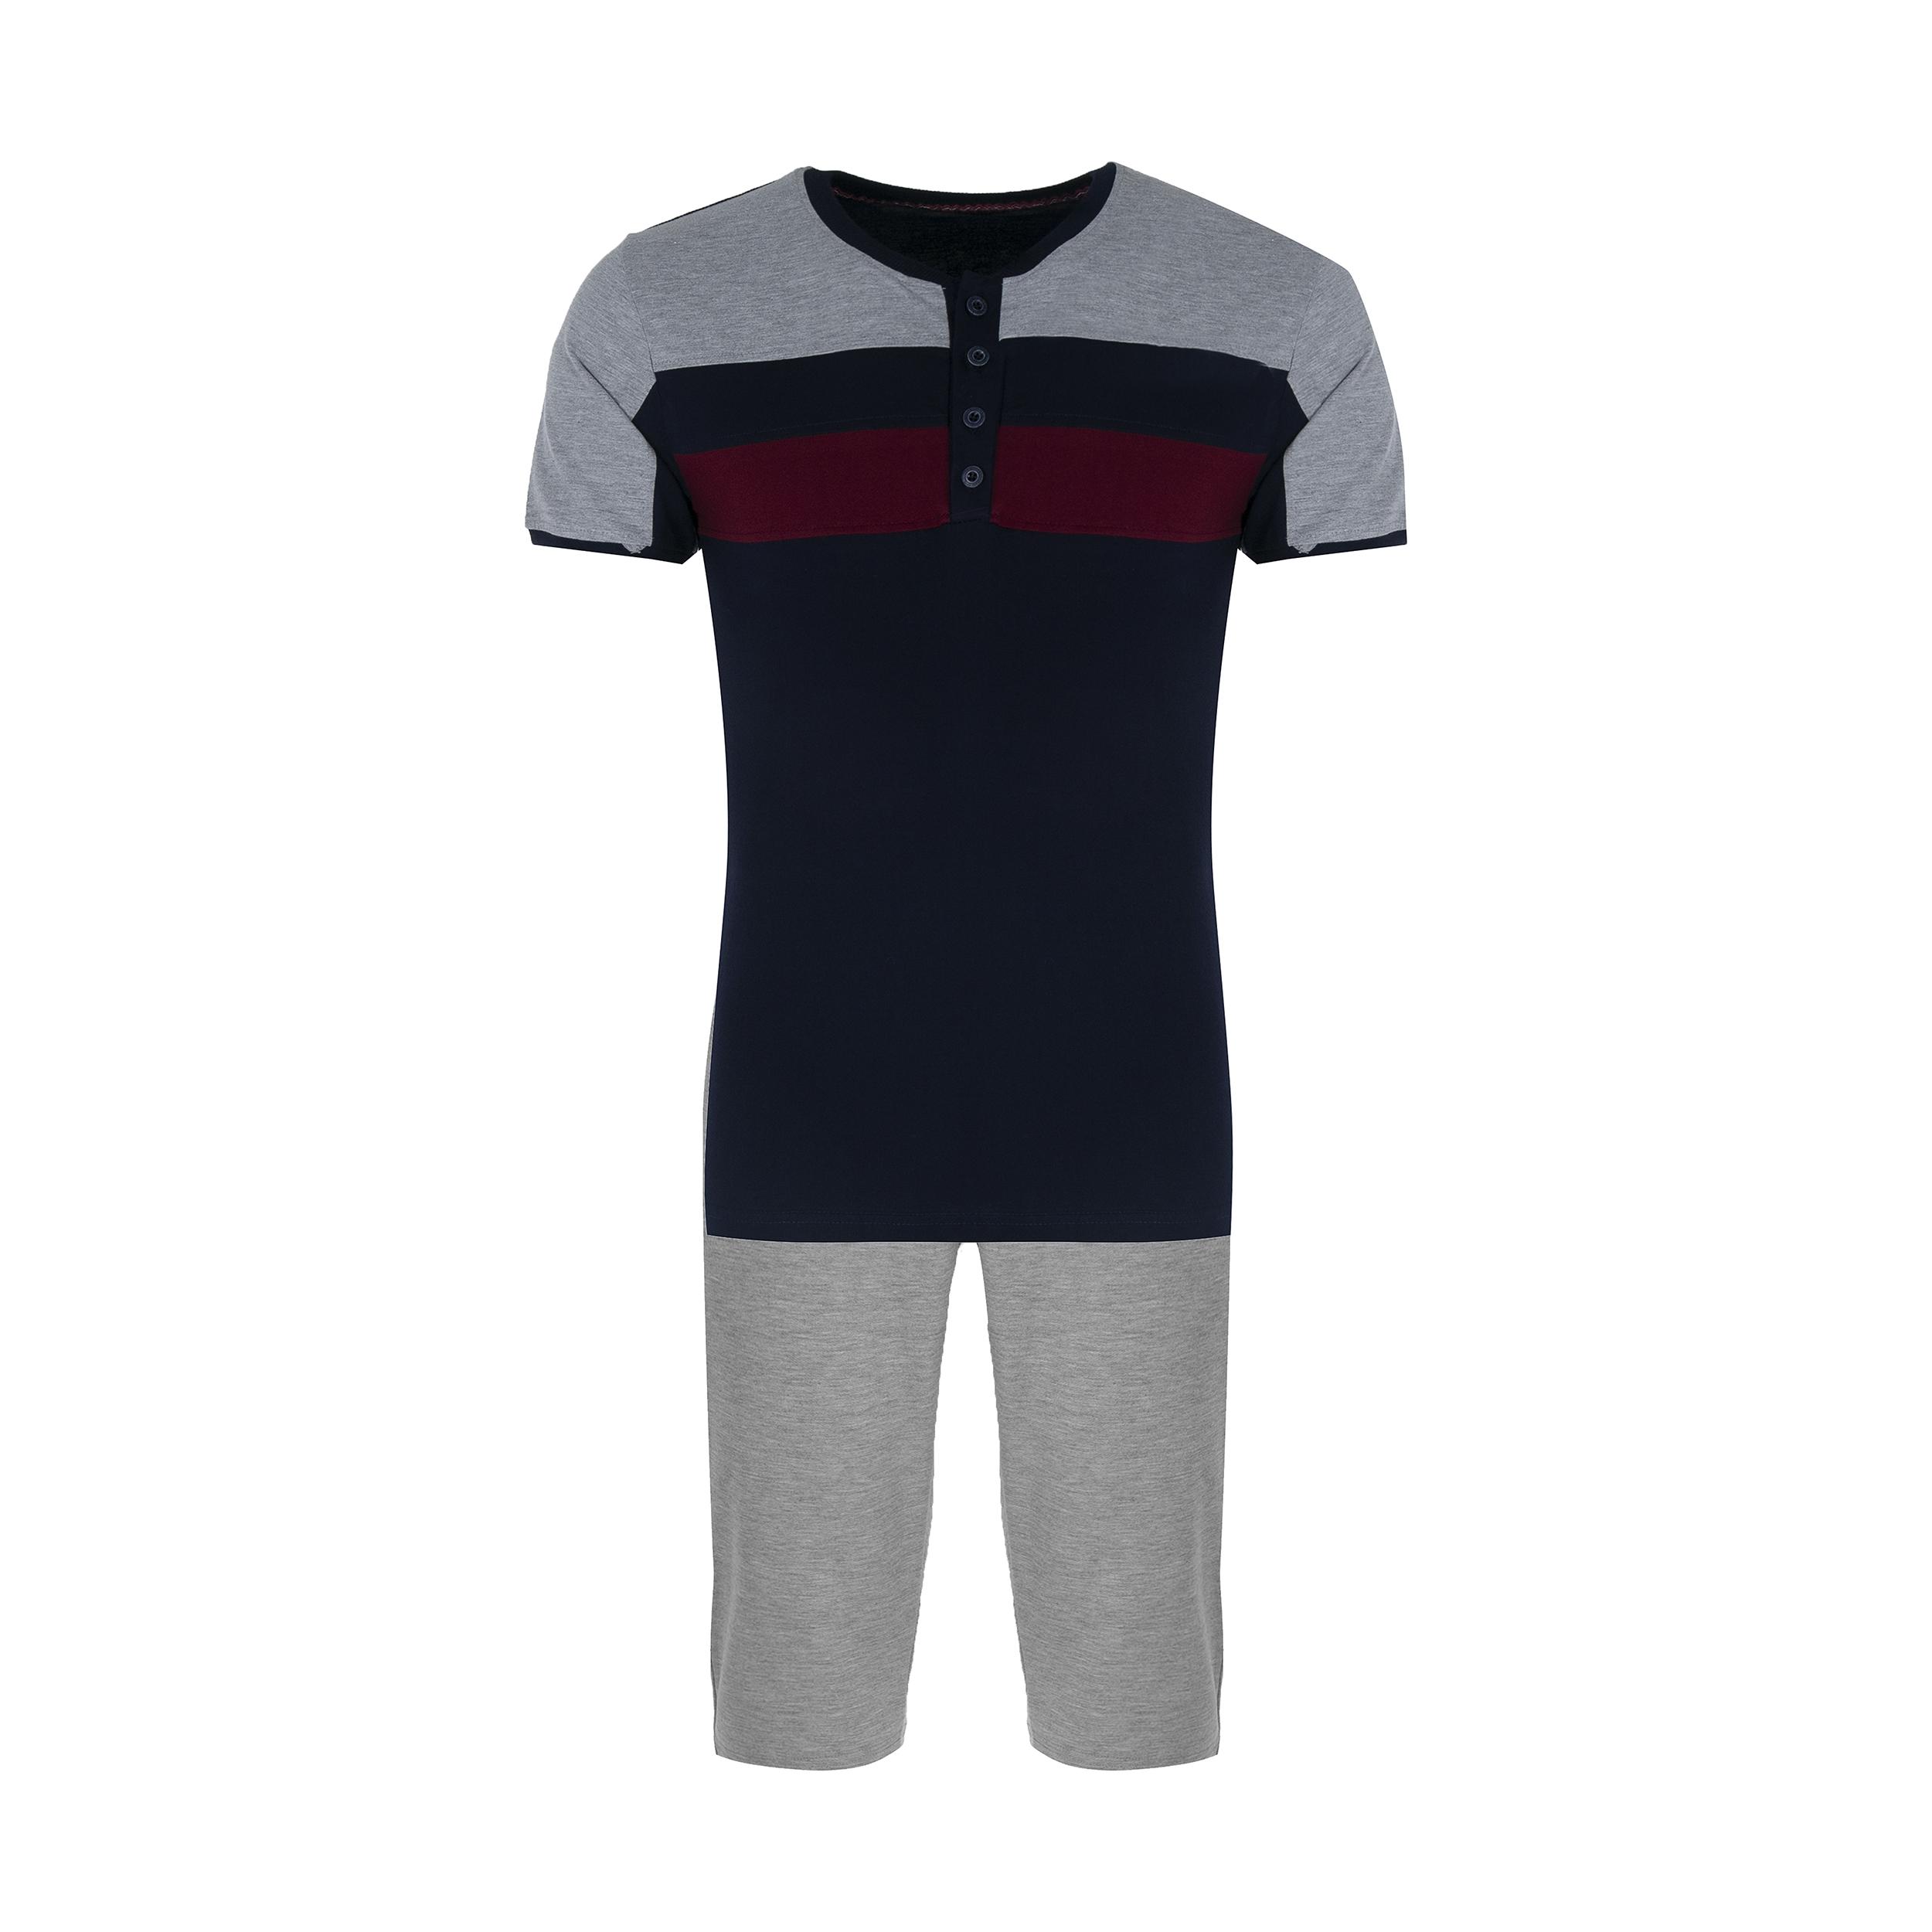 ست تی شرت و شلوار مردانه آسوده کد 0240 رنگ مشکی